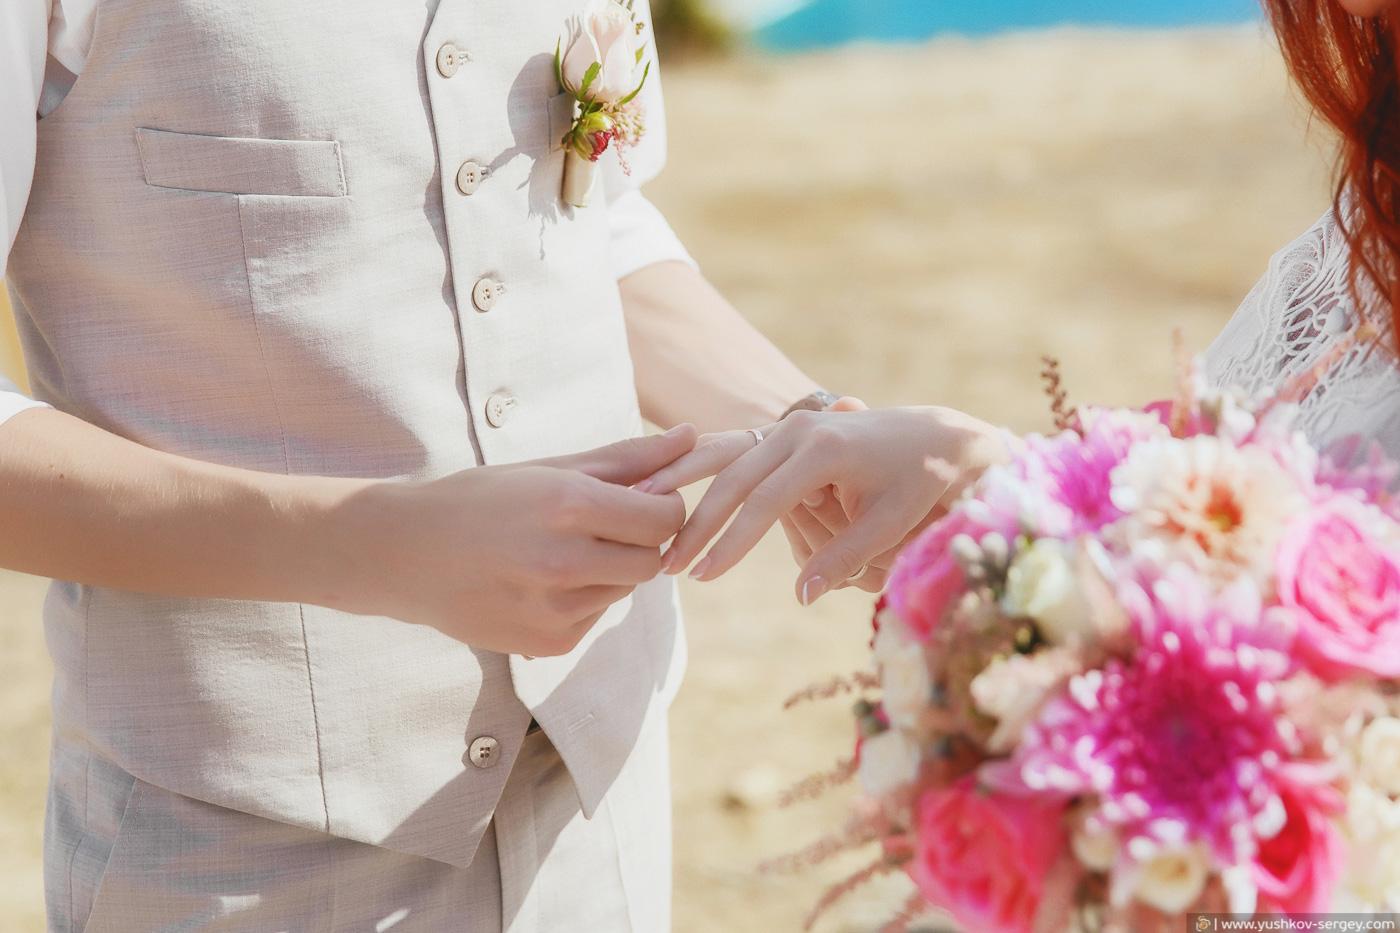 Анна и Сергей. Свадебная фотосессия для двоих в Крыму